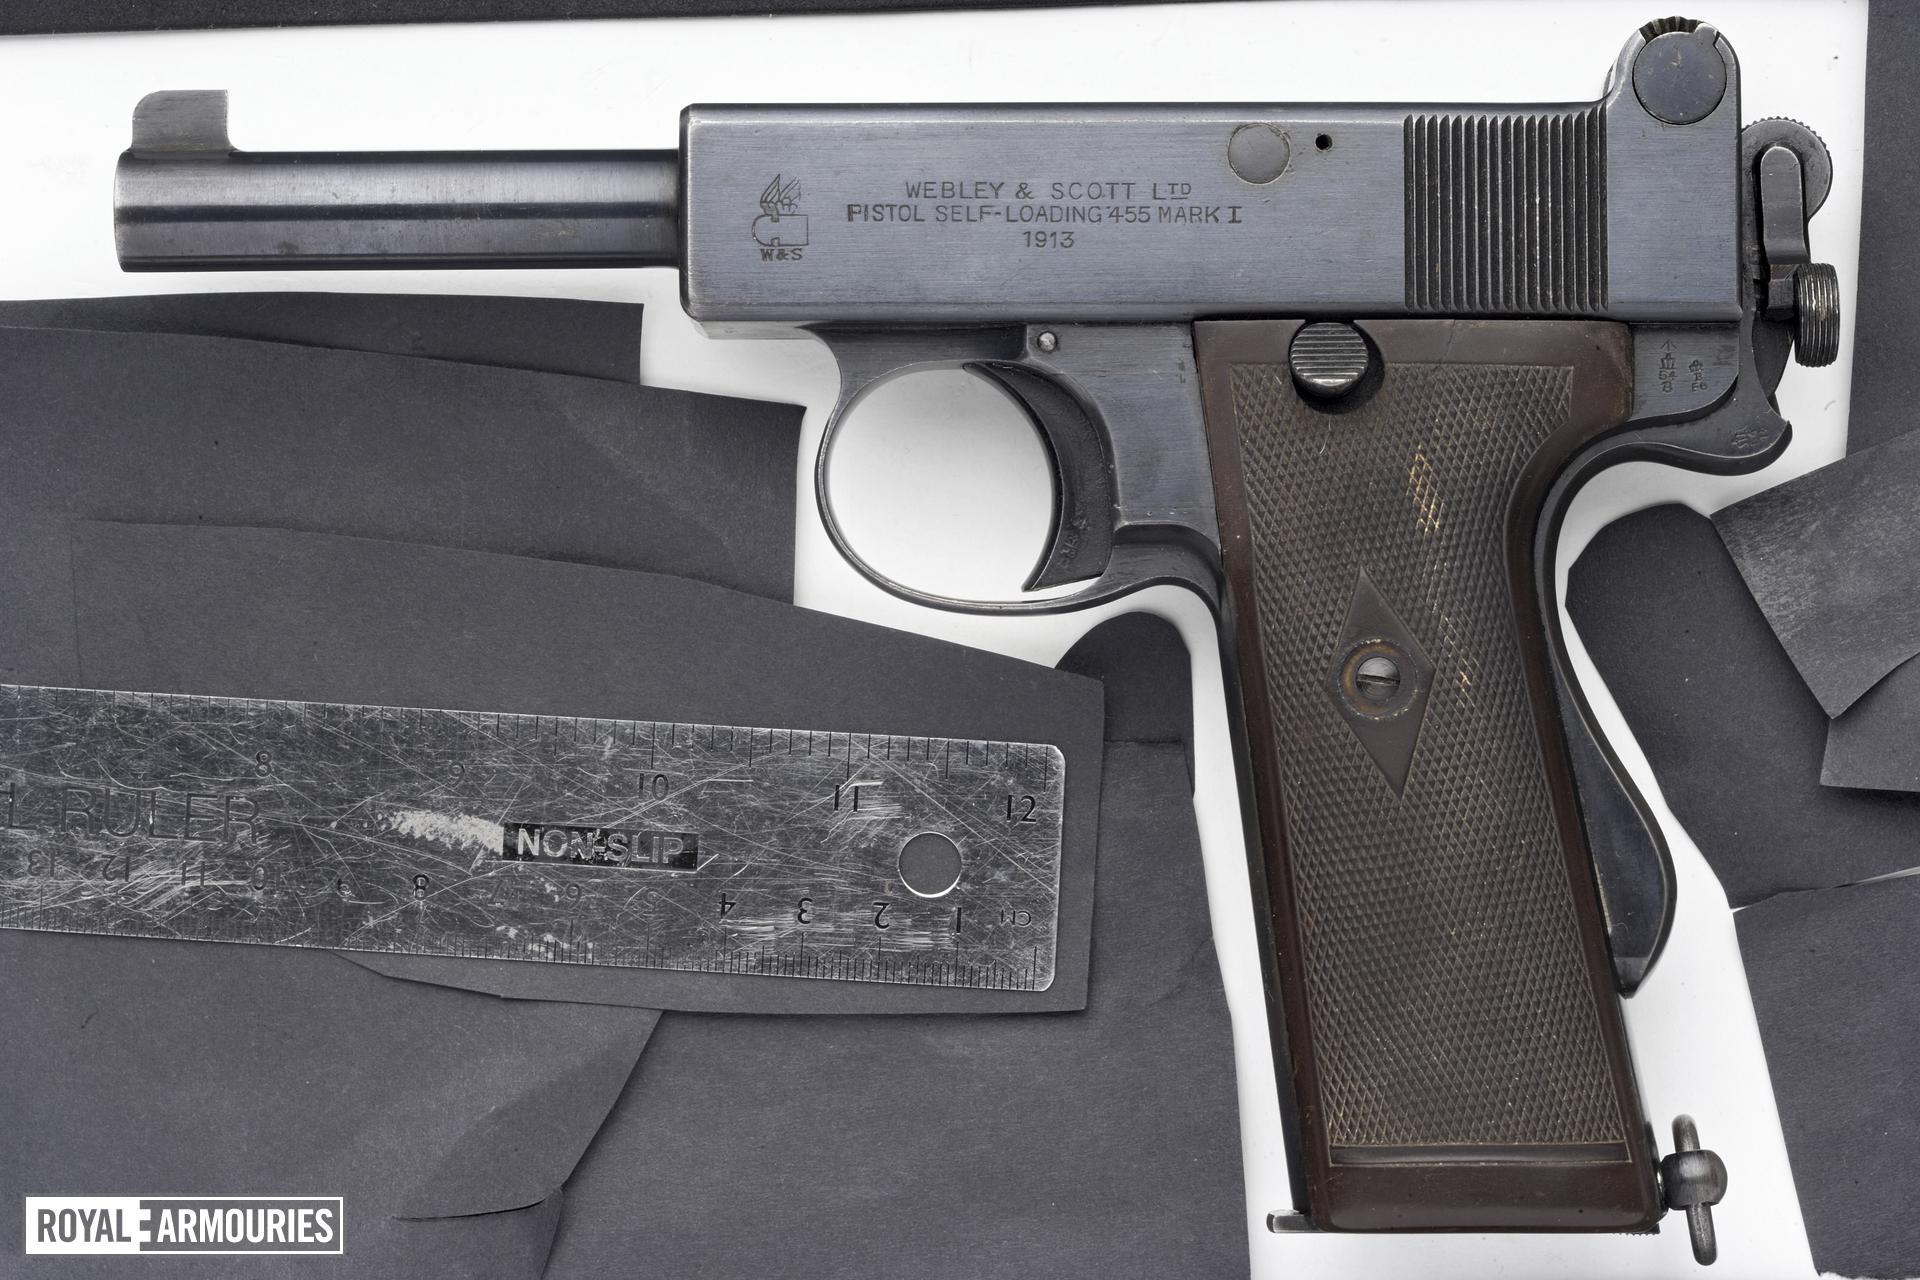 Centrefire self-loading pistol - Webley and Scott Mk.I